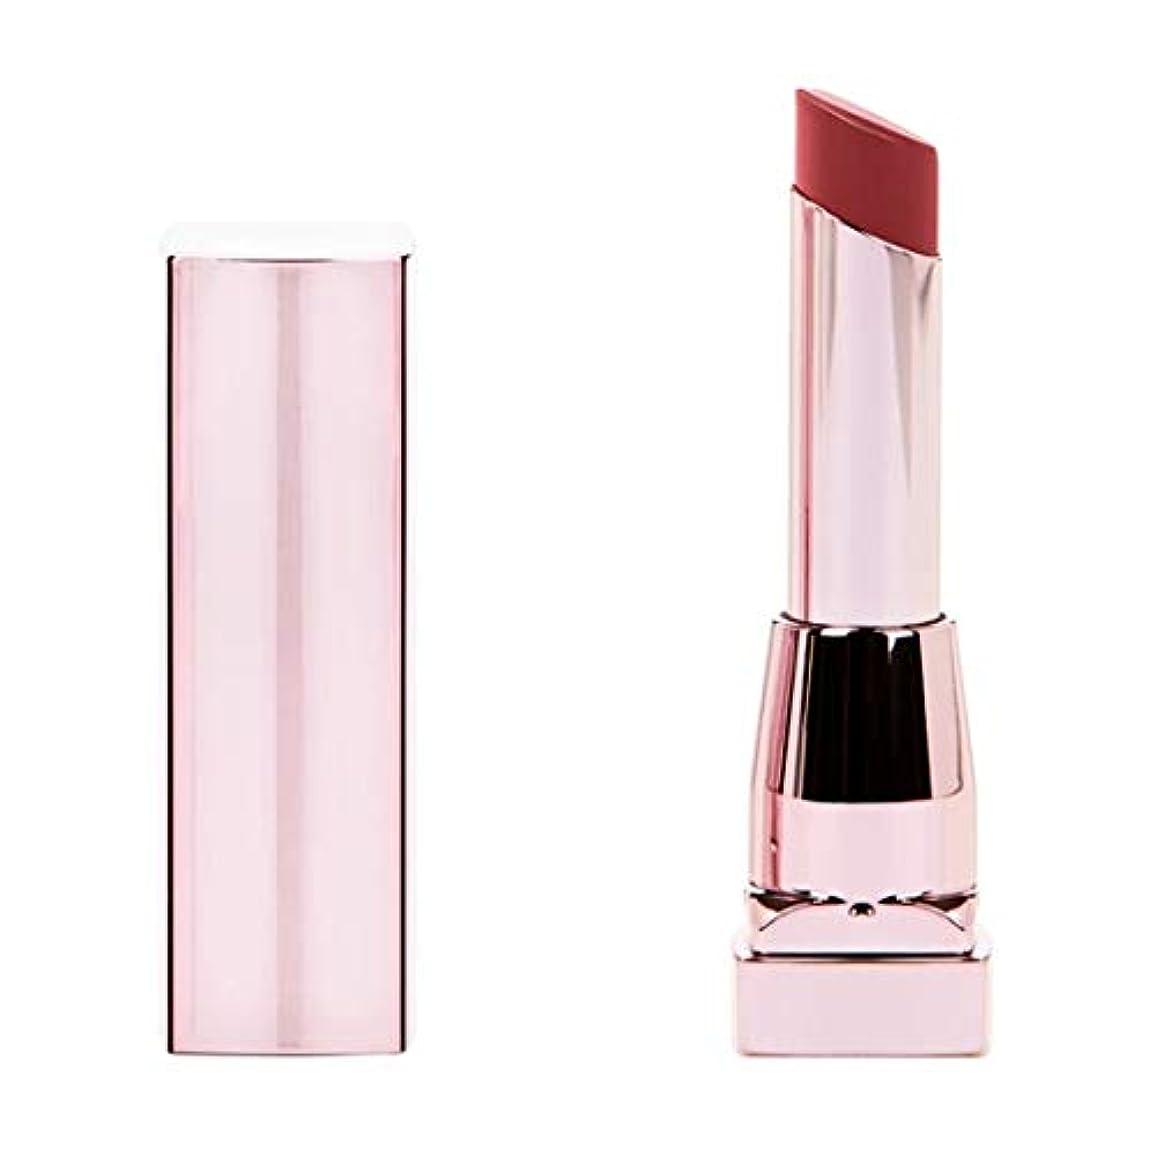 シーフード大統領おなじみの(6 Pack) MAYBELLINE Color Sensational Shine Compulsion Lipstick - Scarlet Flame 090 (並行輸入品)